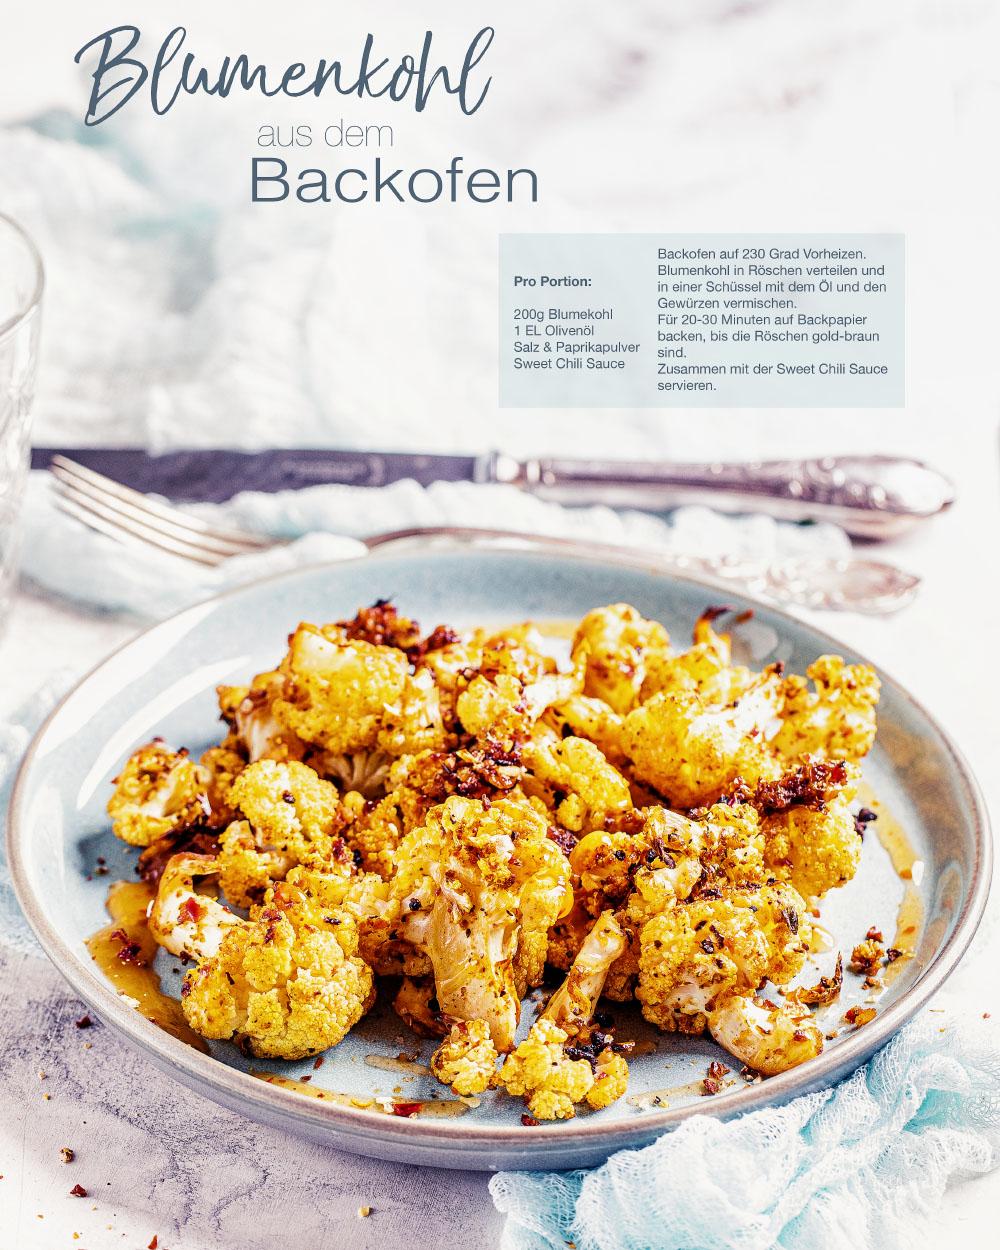 Blumenkohl aus dem Backofen gesund vegan einfaches rezept